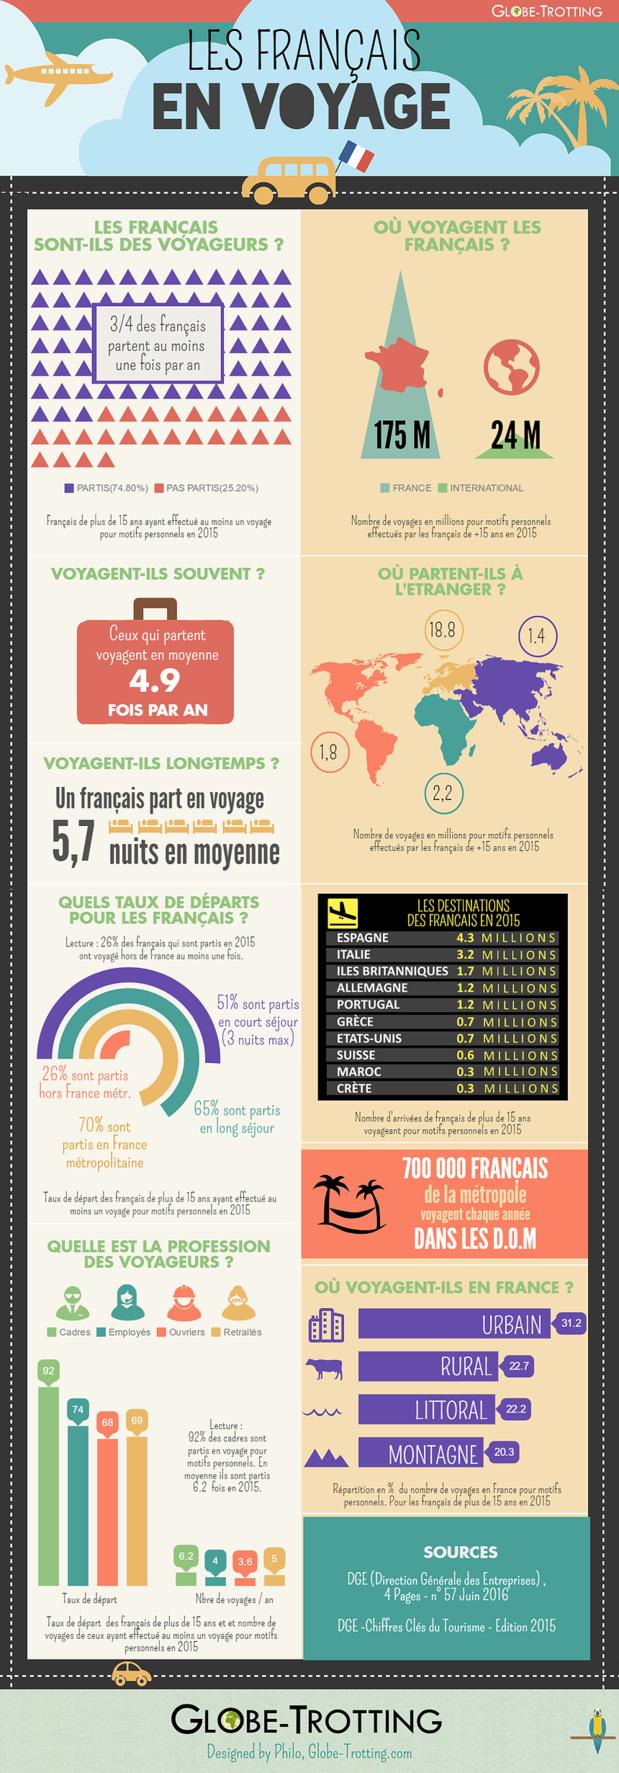 Infographie : les chiffres des voyages des Français en 2015